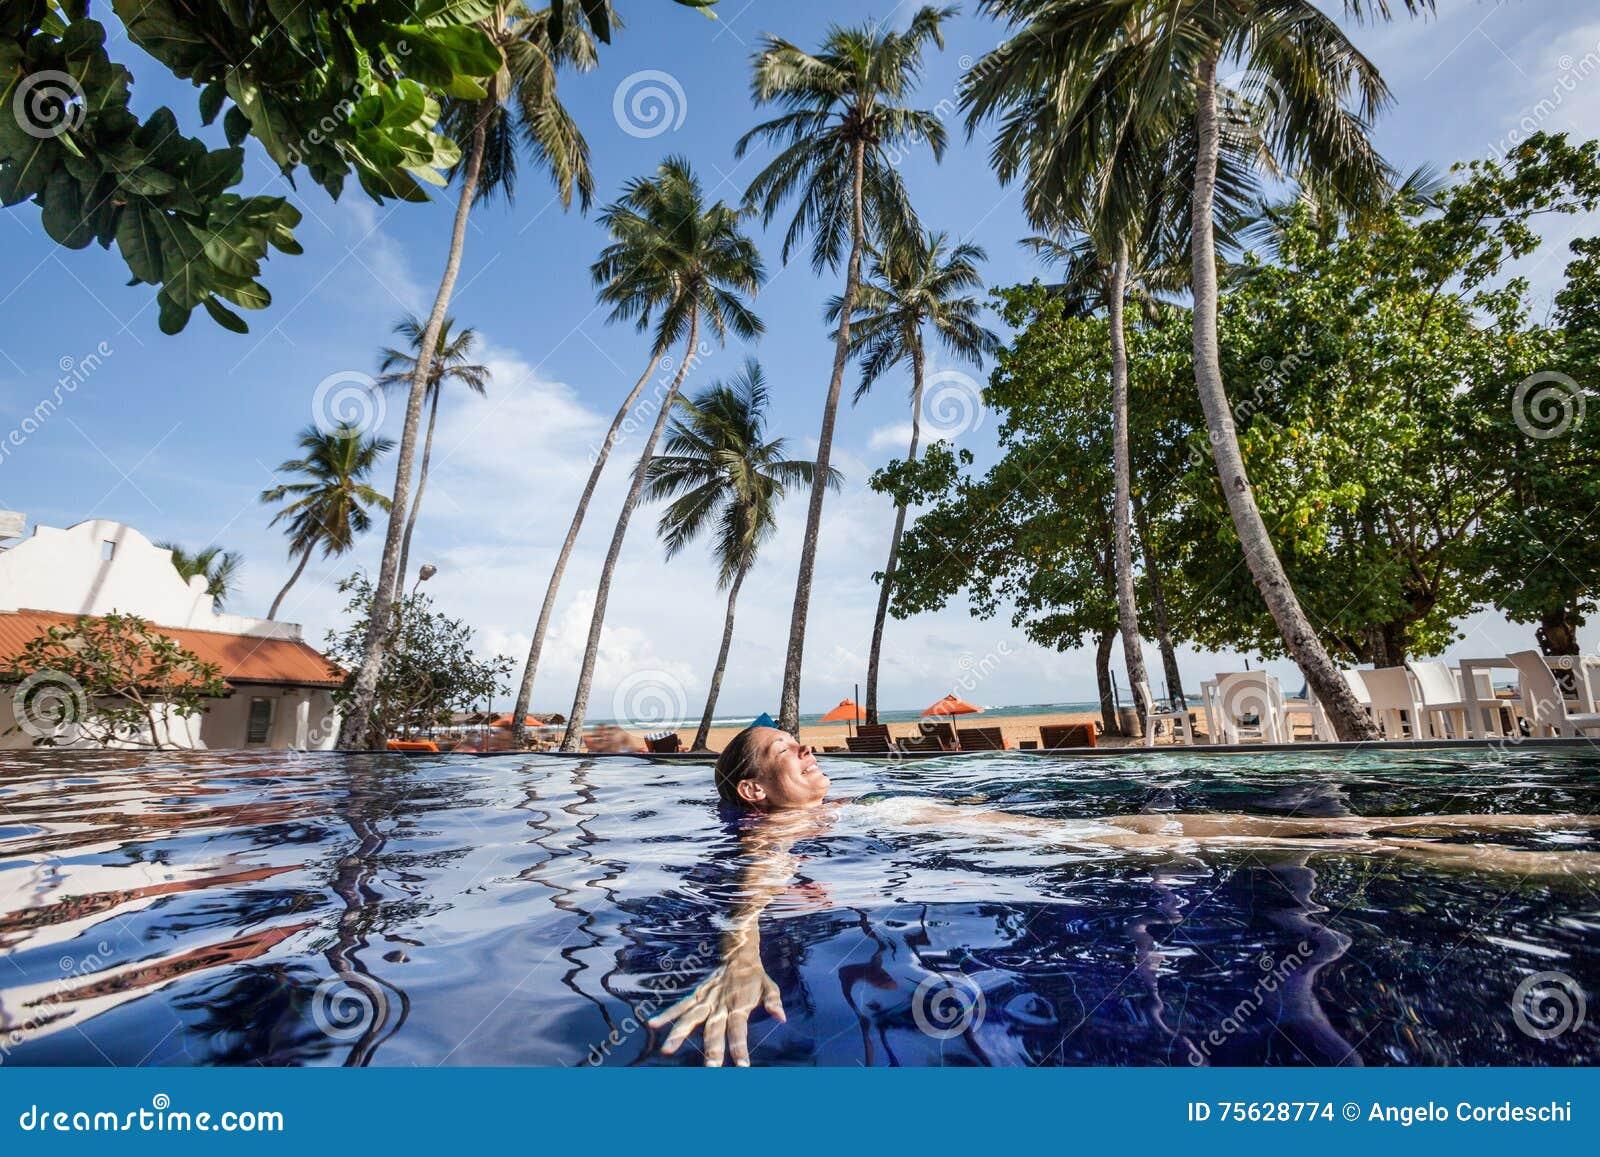 Disfrute del verano tropical Mujer que se relaja en el agua de la piscina